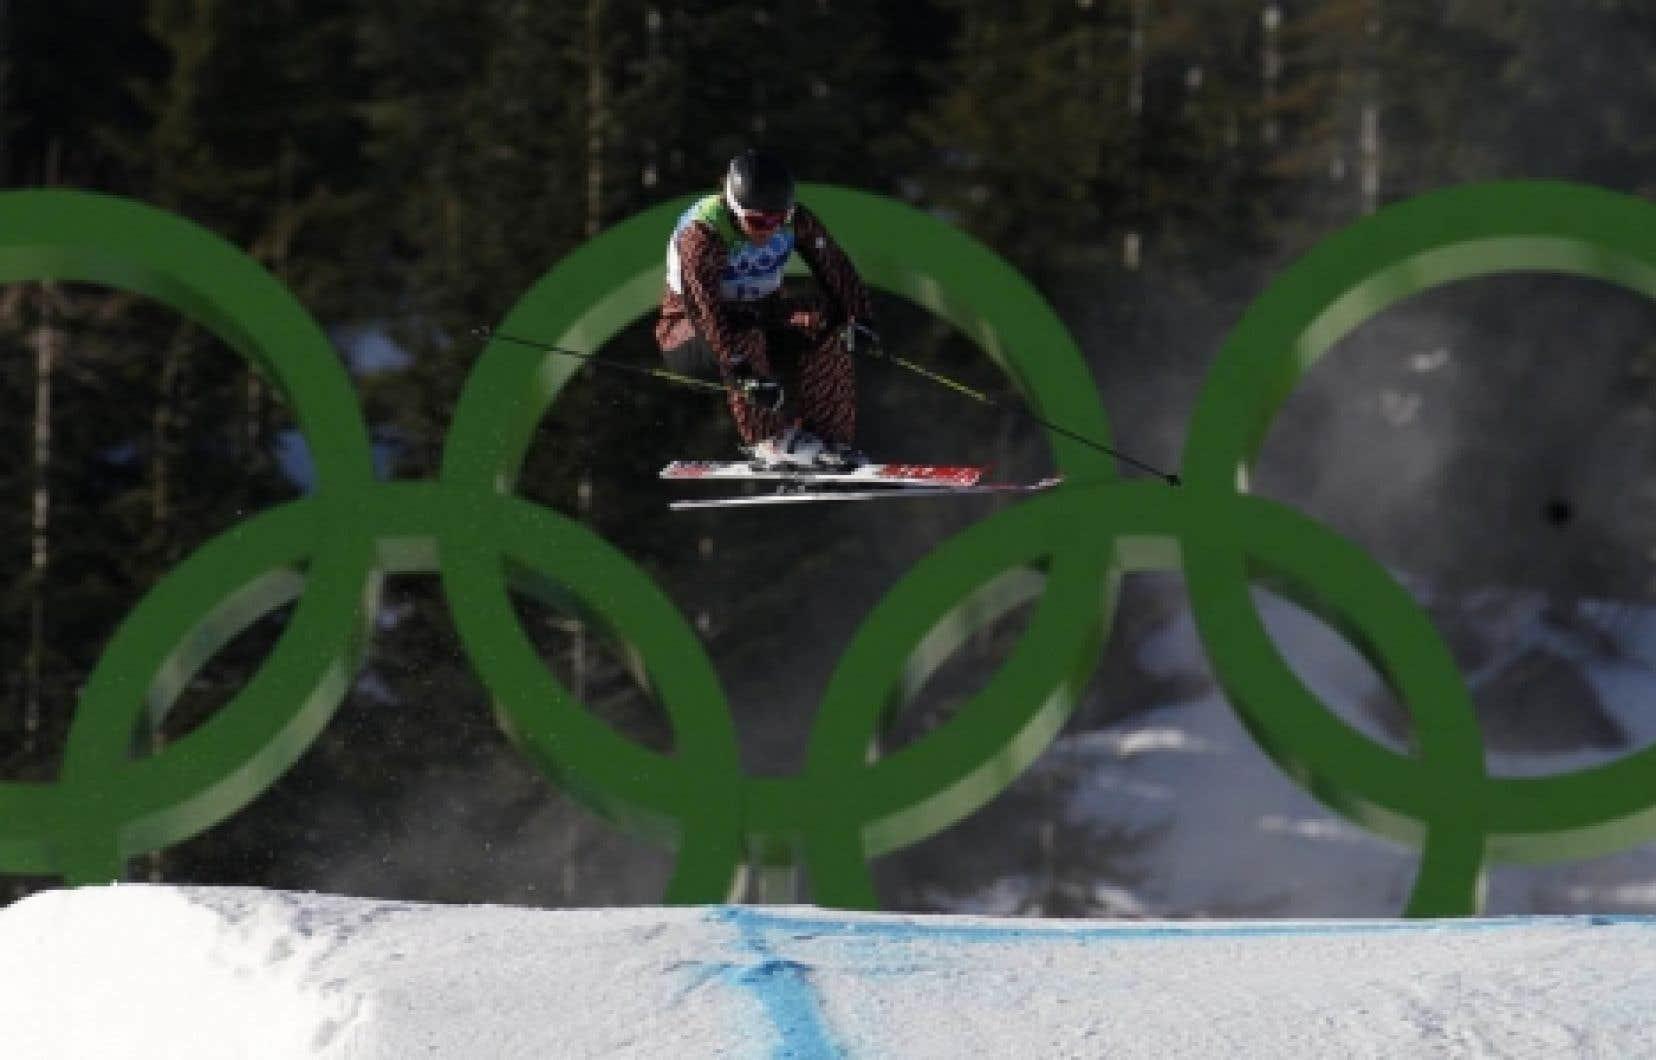 Le Comité olympique canadien espérait obtenir plus d'une médaille lors de la journée de dimanche. L'une des déceptions fut la 4e place de Christopher Del Bosco en ski cross.